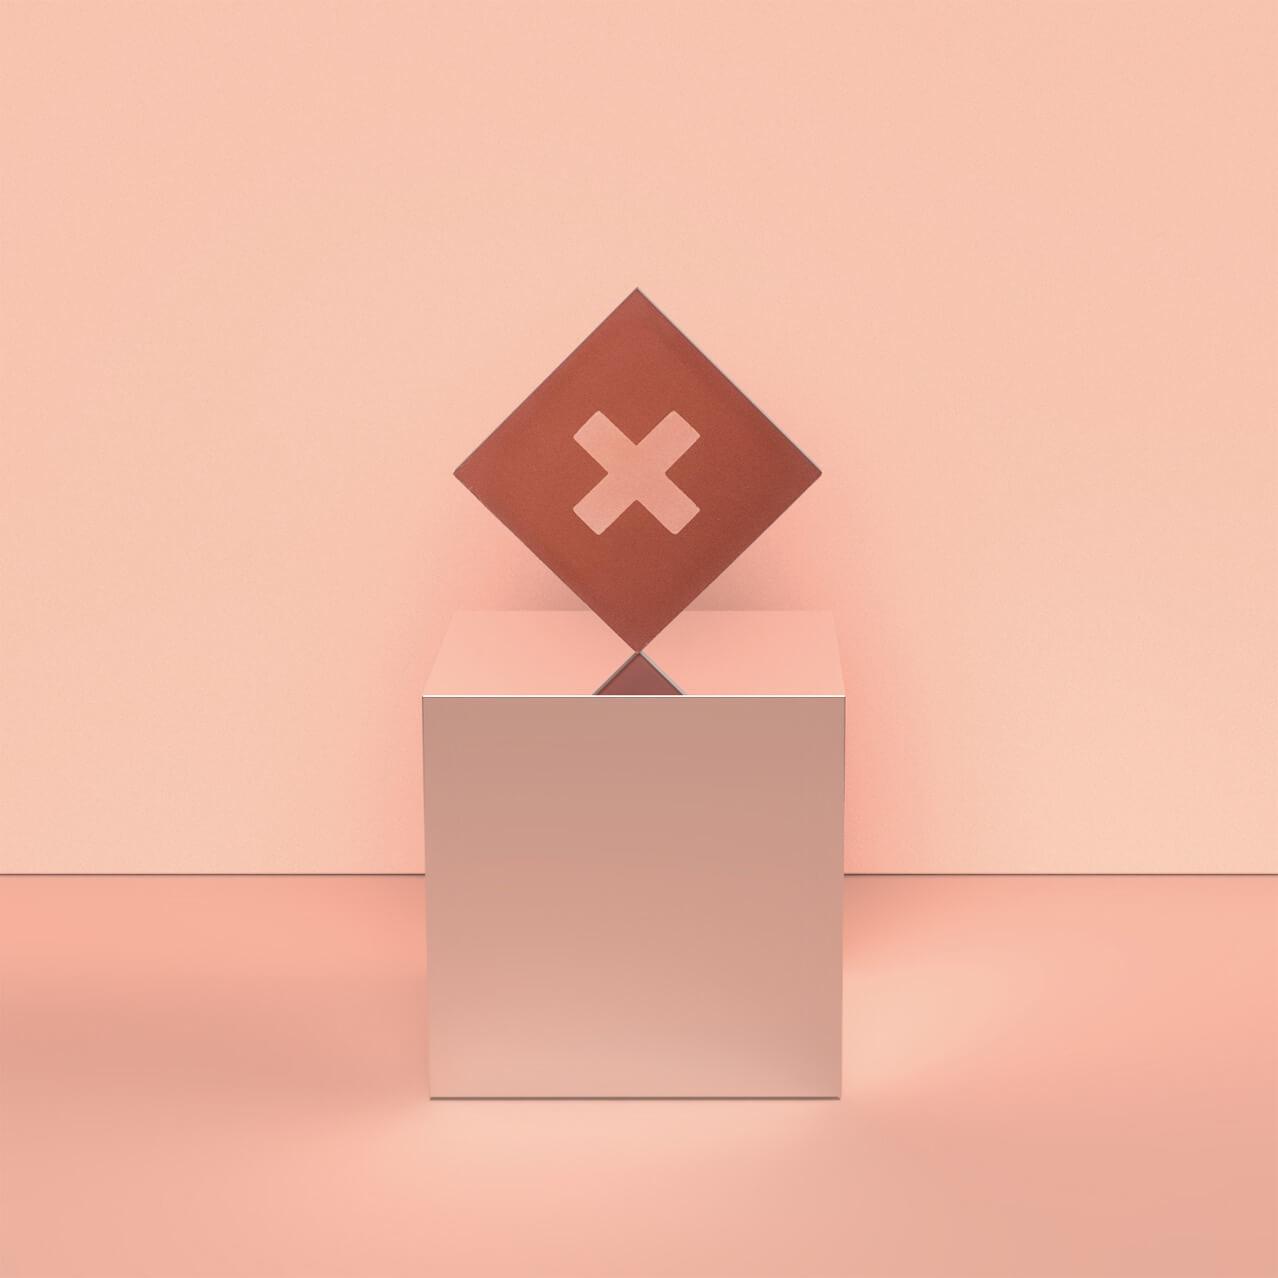 carreaux de ciment croix design piergil fourquie à Paris, fabrication cimenterie de la tour